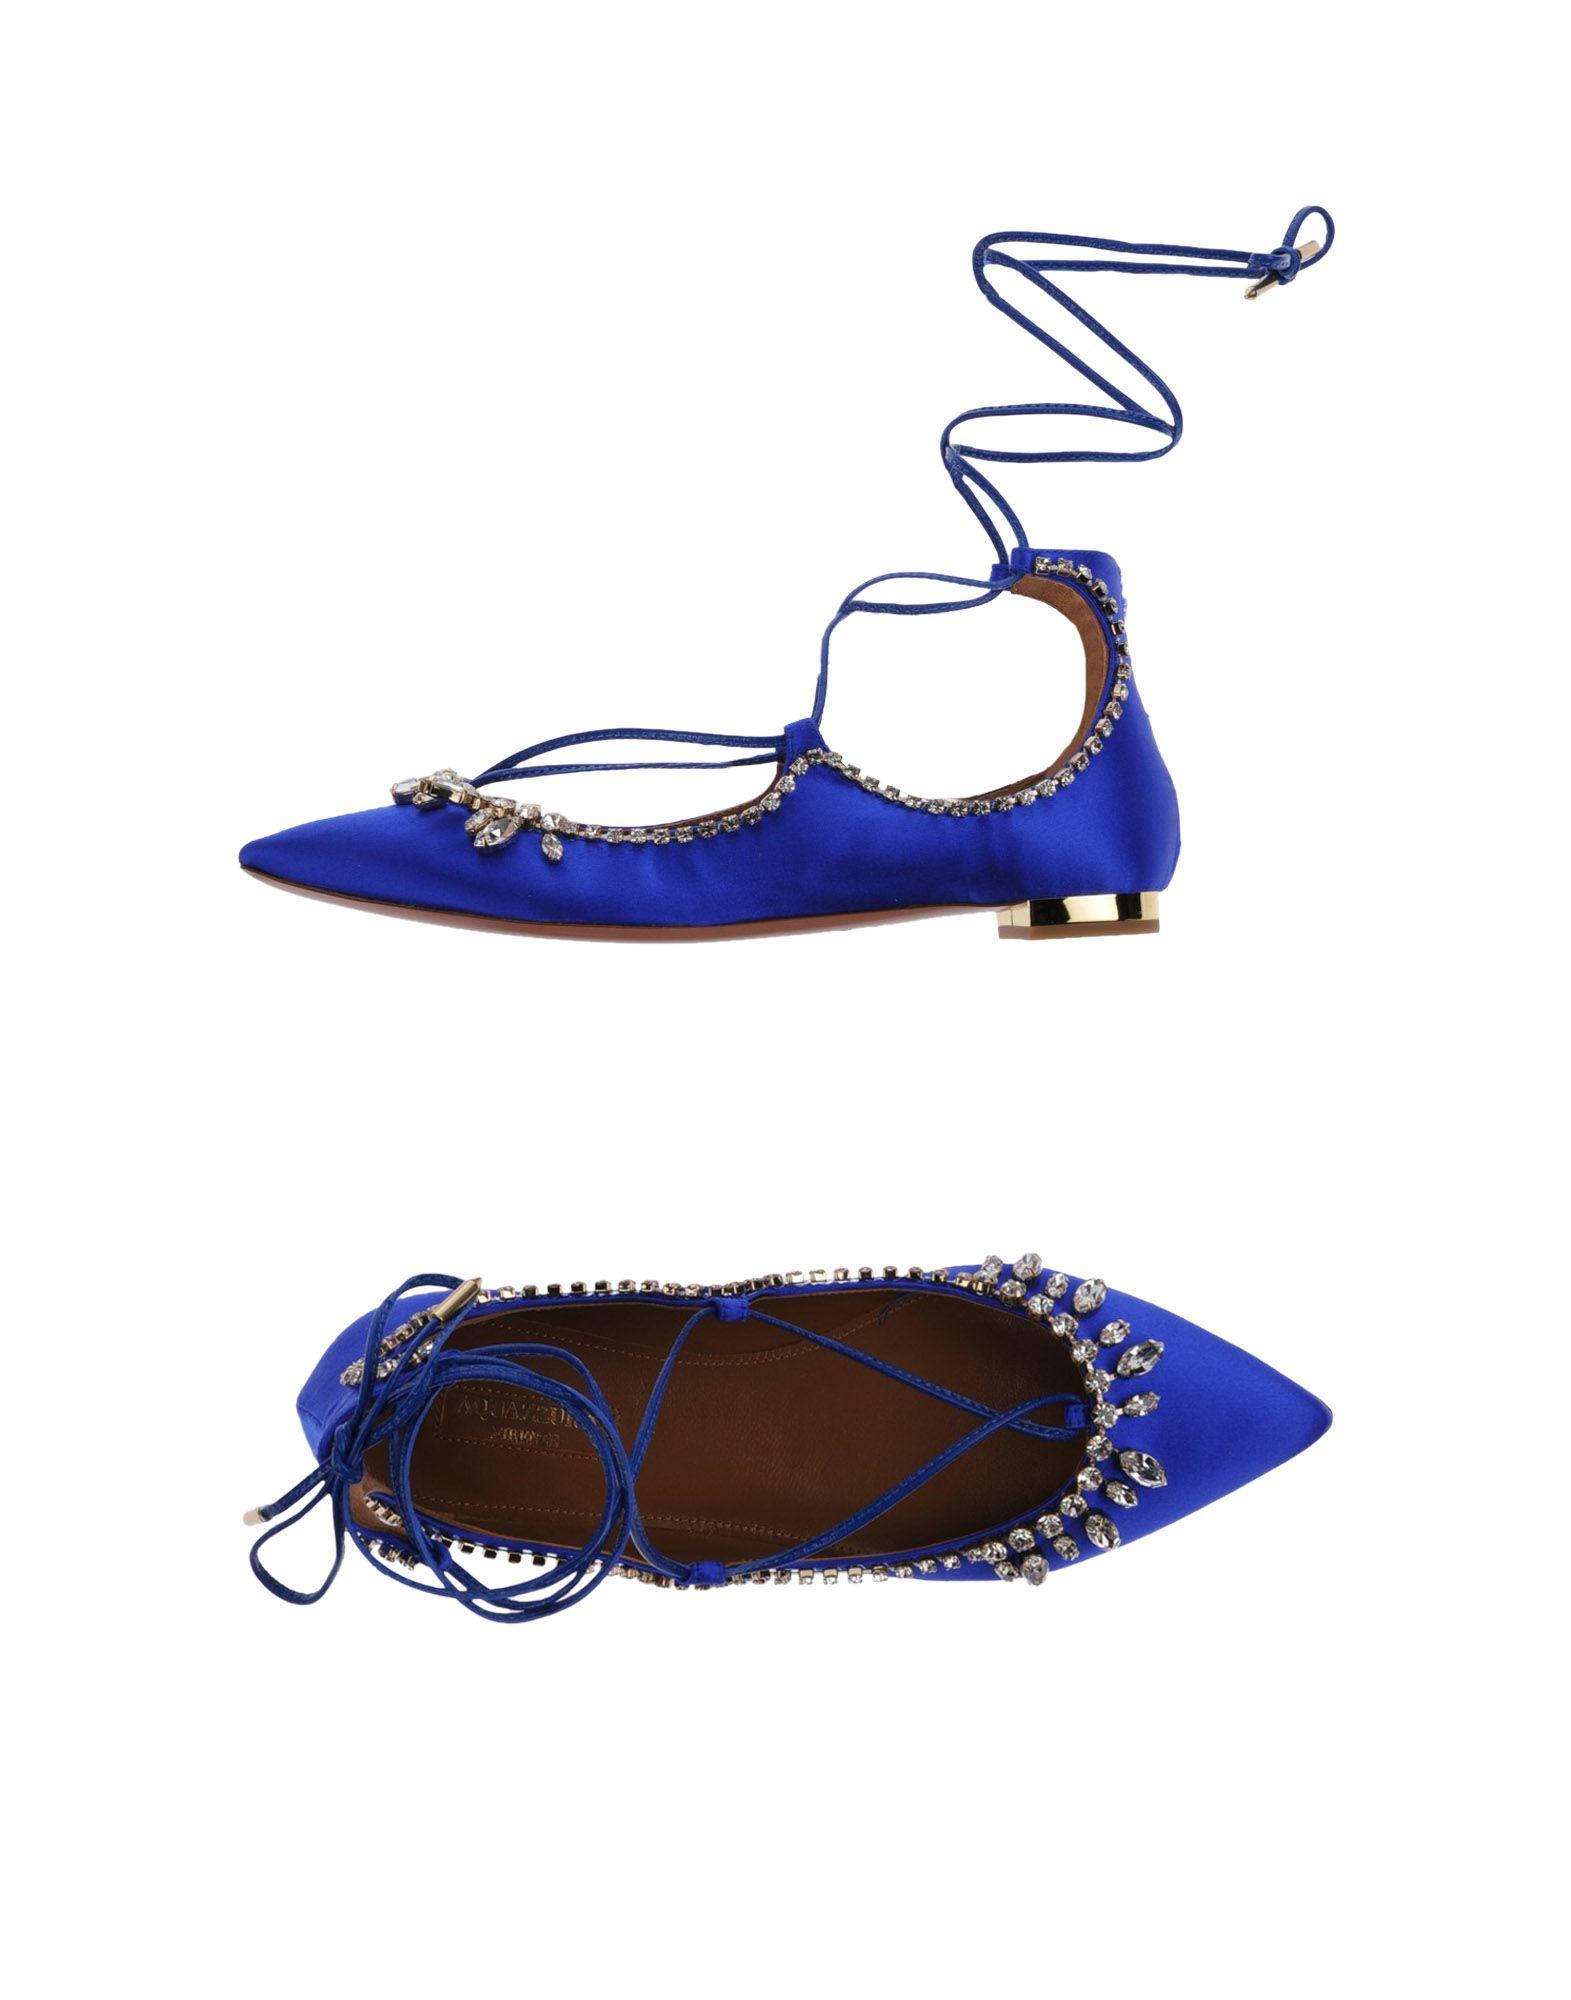 Ballerine Scarpe Aquazzura Donna - 11279022XW Scarpe Ballerine comode e distintive 09e296